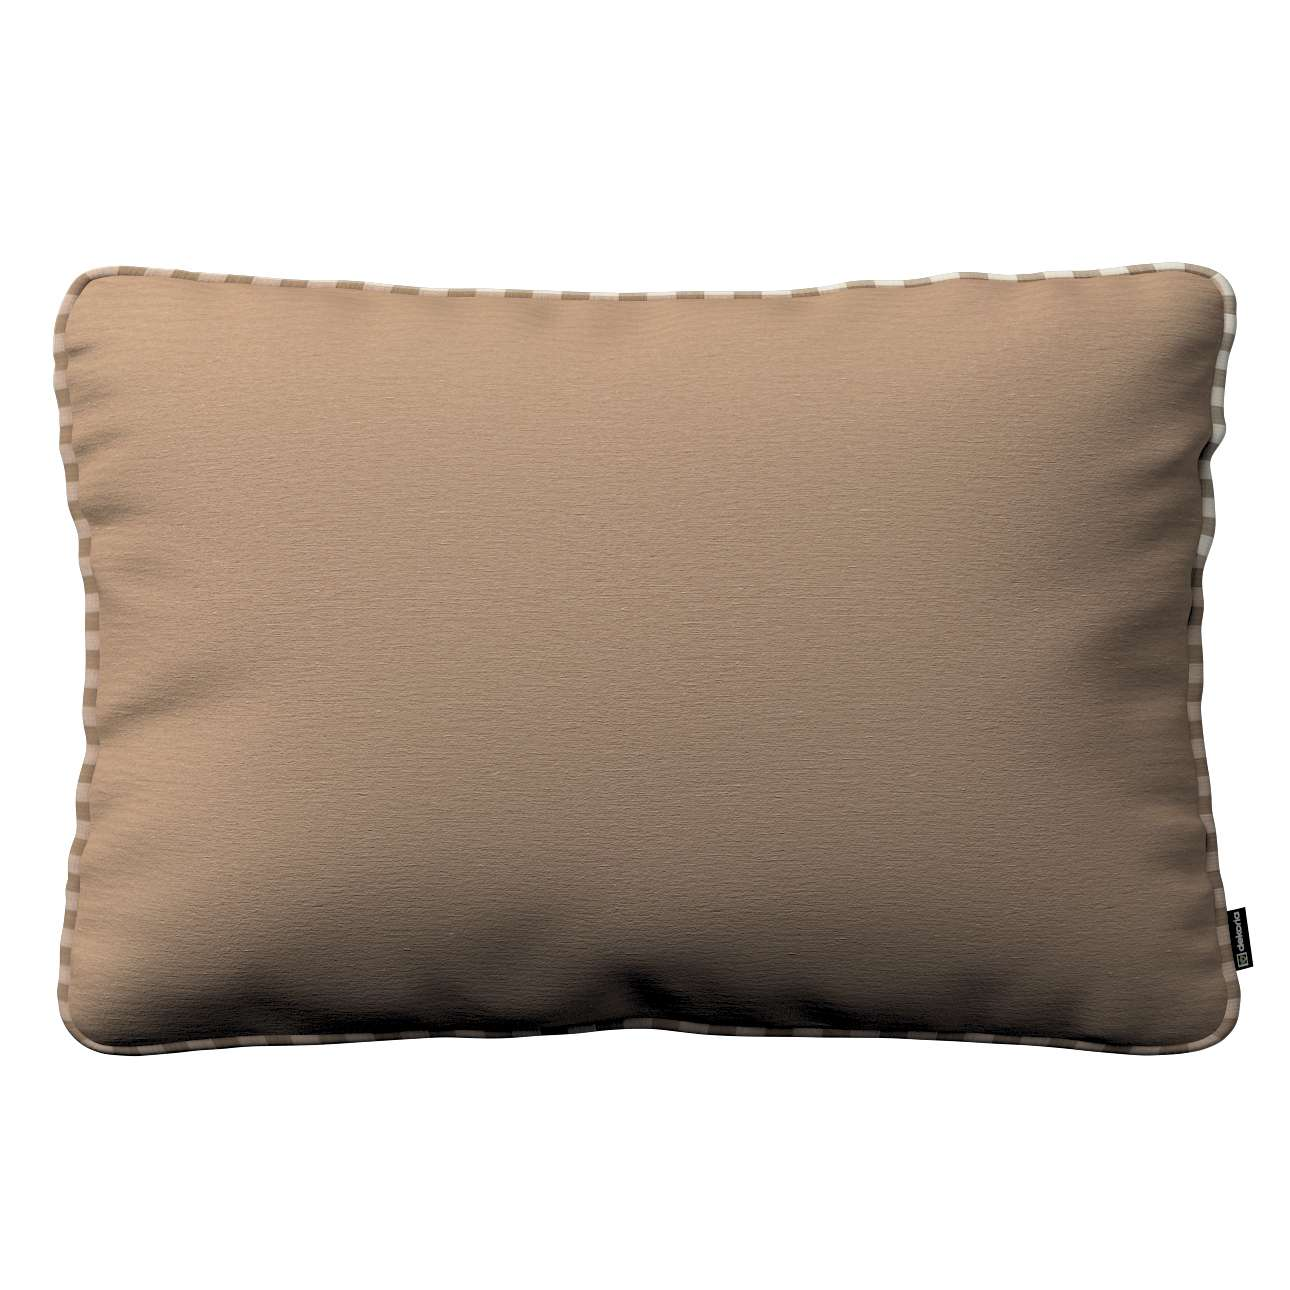 Poszewka Gabi na poduszkę prostokątna 60 x 40 cm w kolekcji Quadro, tkanina: 136-09